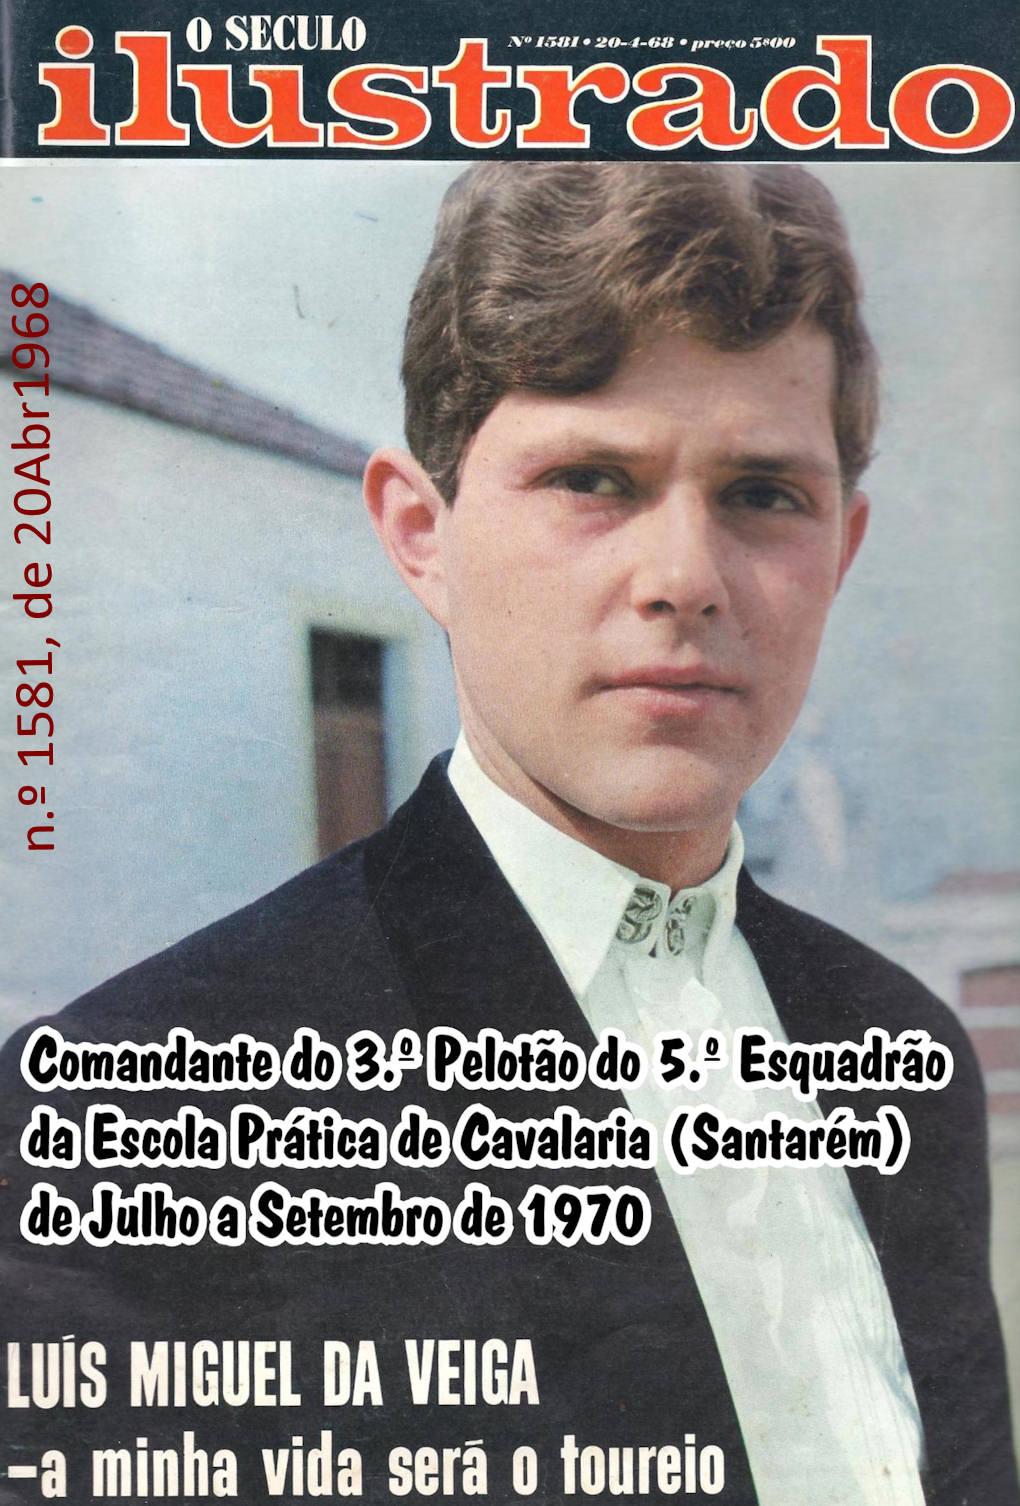 Aspirante Luís Miguel da Veiga - Comandante do 3.º Pelotão do 5.º Esquadrão - EPC - 17Set1970 Luys_m14